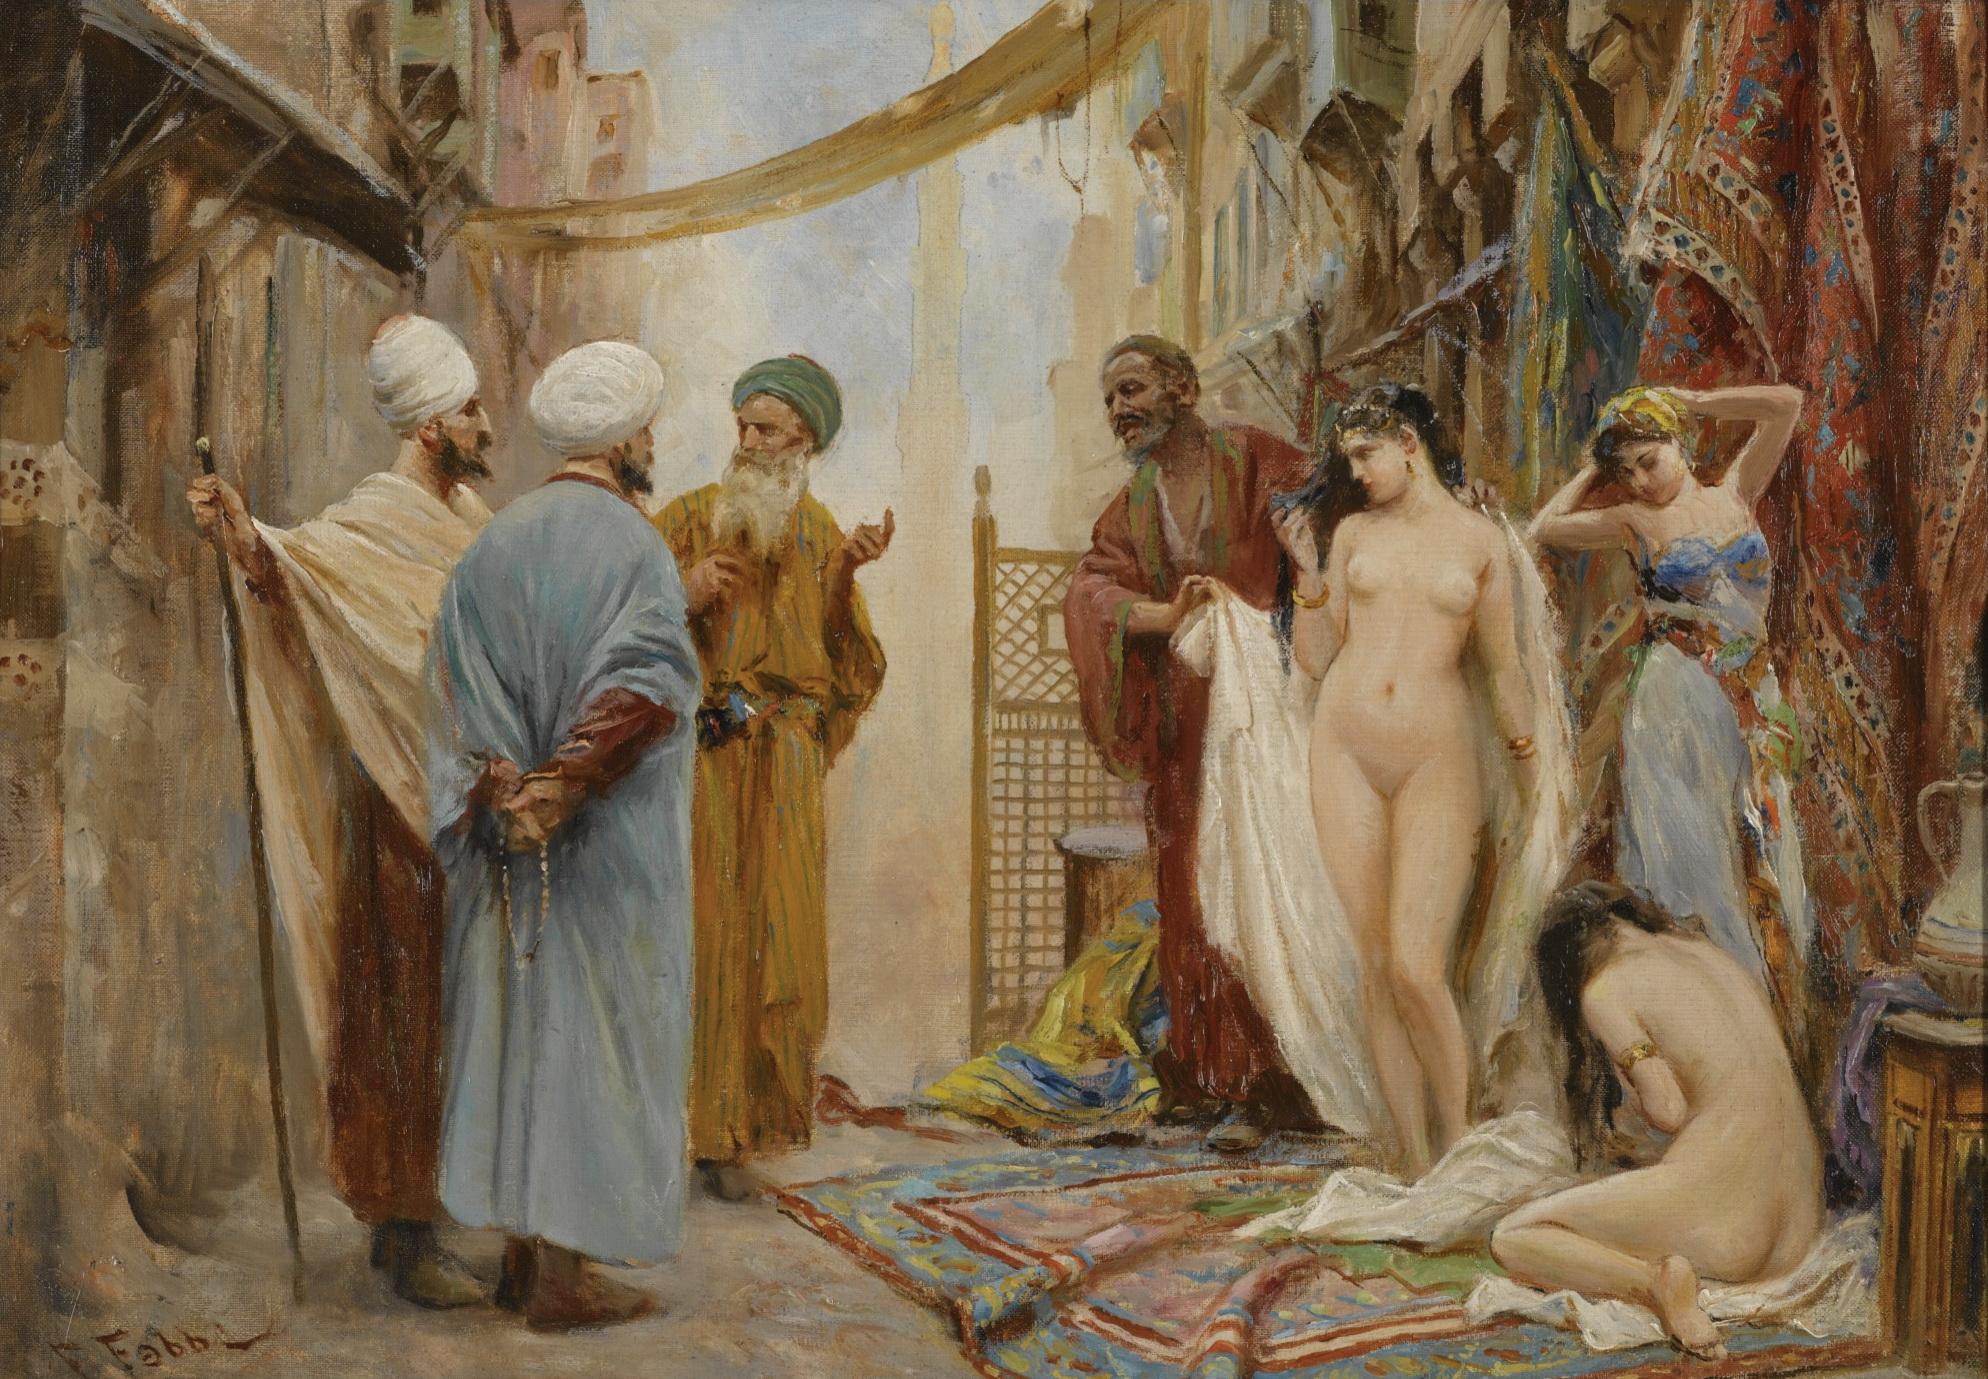 Fabio Fabbi, 1861-1946. Рынок рабов. 44.2 х 63.5 см. Частная коллекция